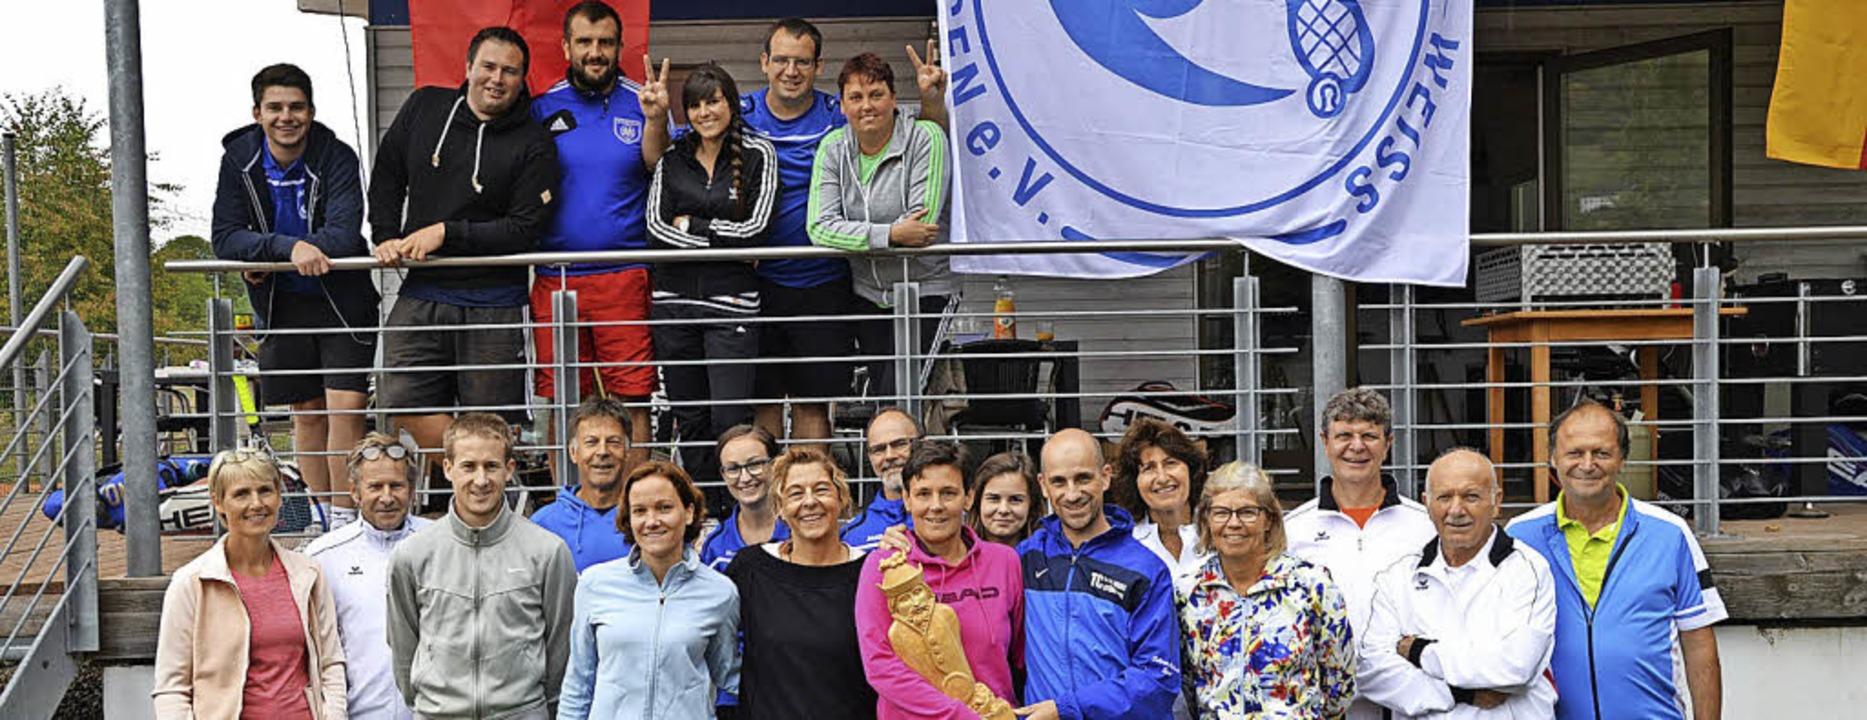 Vorsitzender Andy Appruzese (vorne, Vi...landturnier ein großes Teilnehmerfeld.  | Foto: Tennisclub Stühlingen